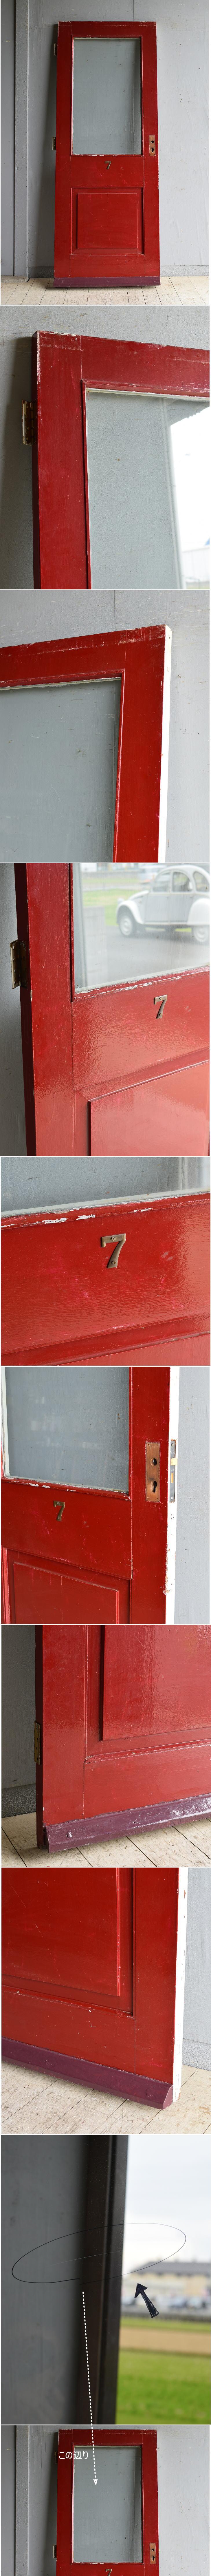 イギリス アンティーク ドア 扉 建具 8450